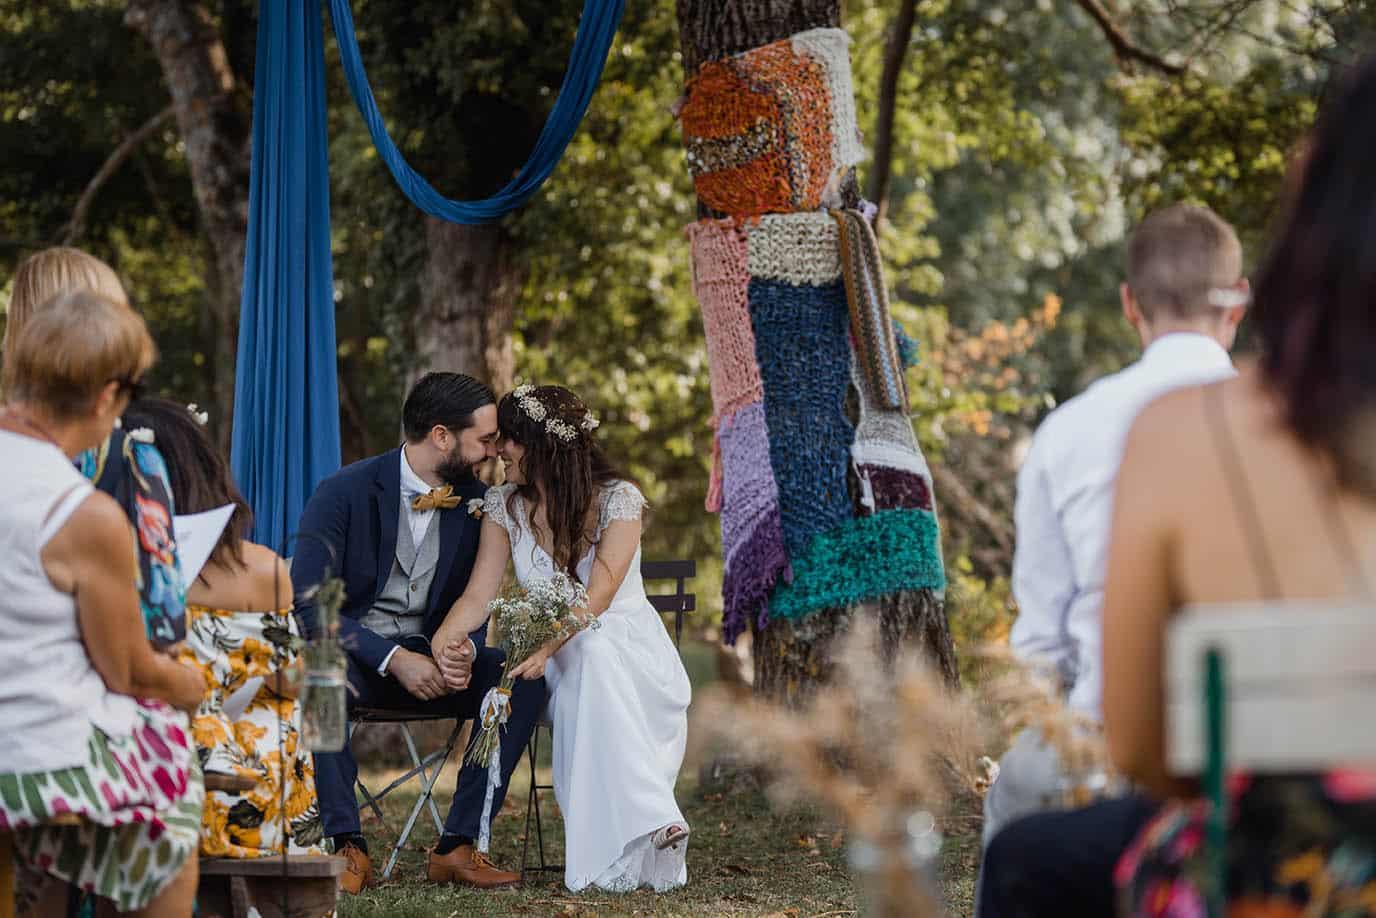 home-priscilliahervier-photographe-mariages-auvergne-hauteloire